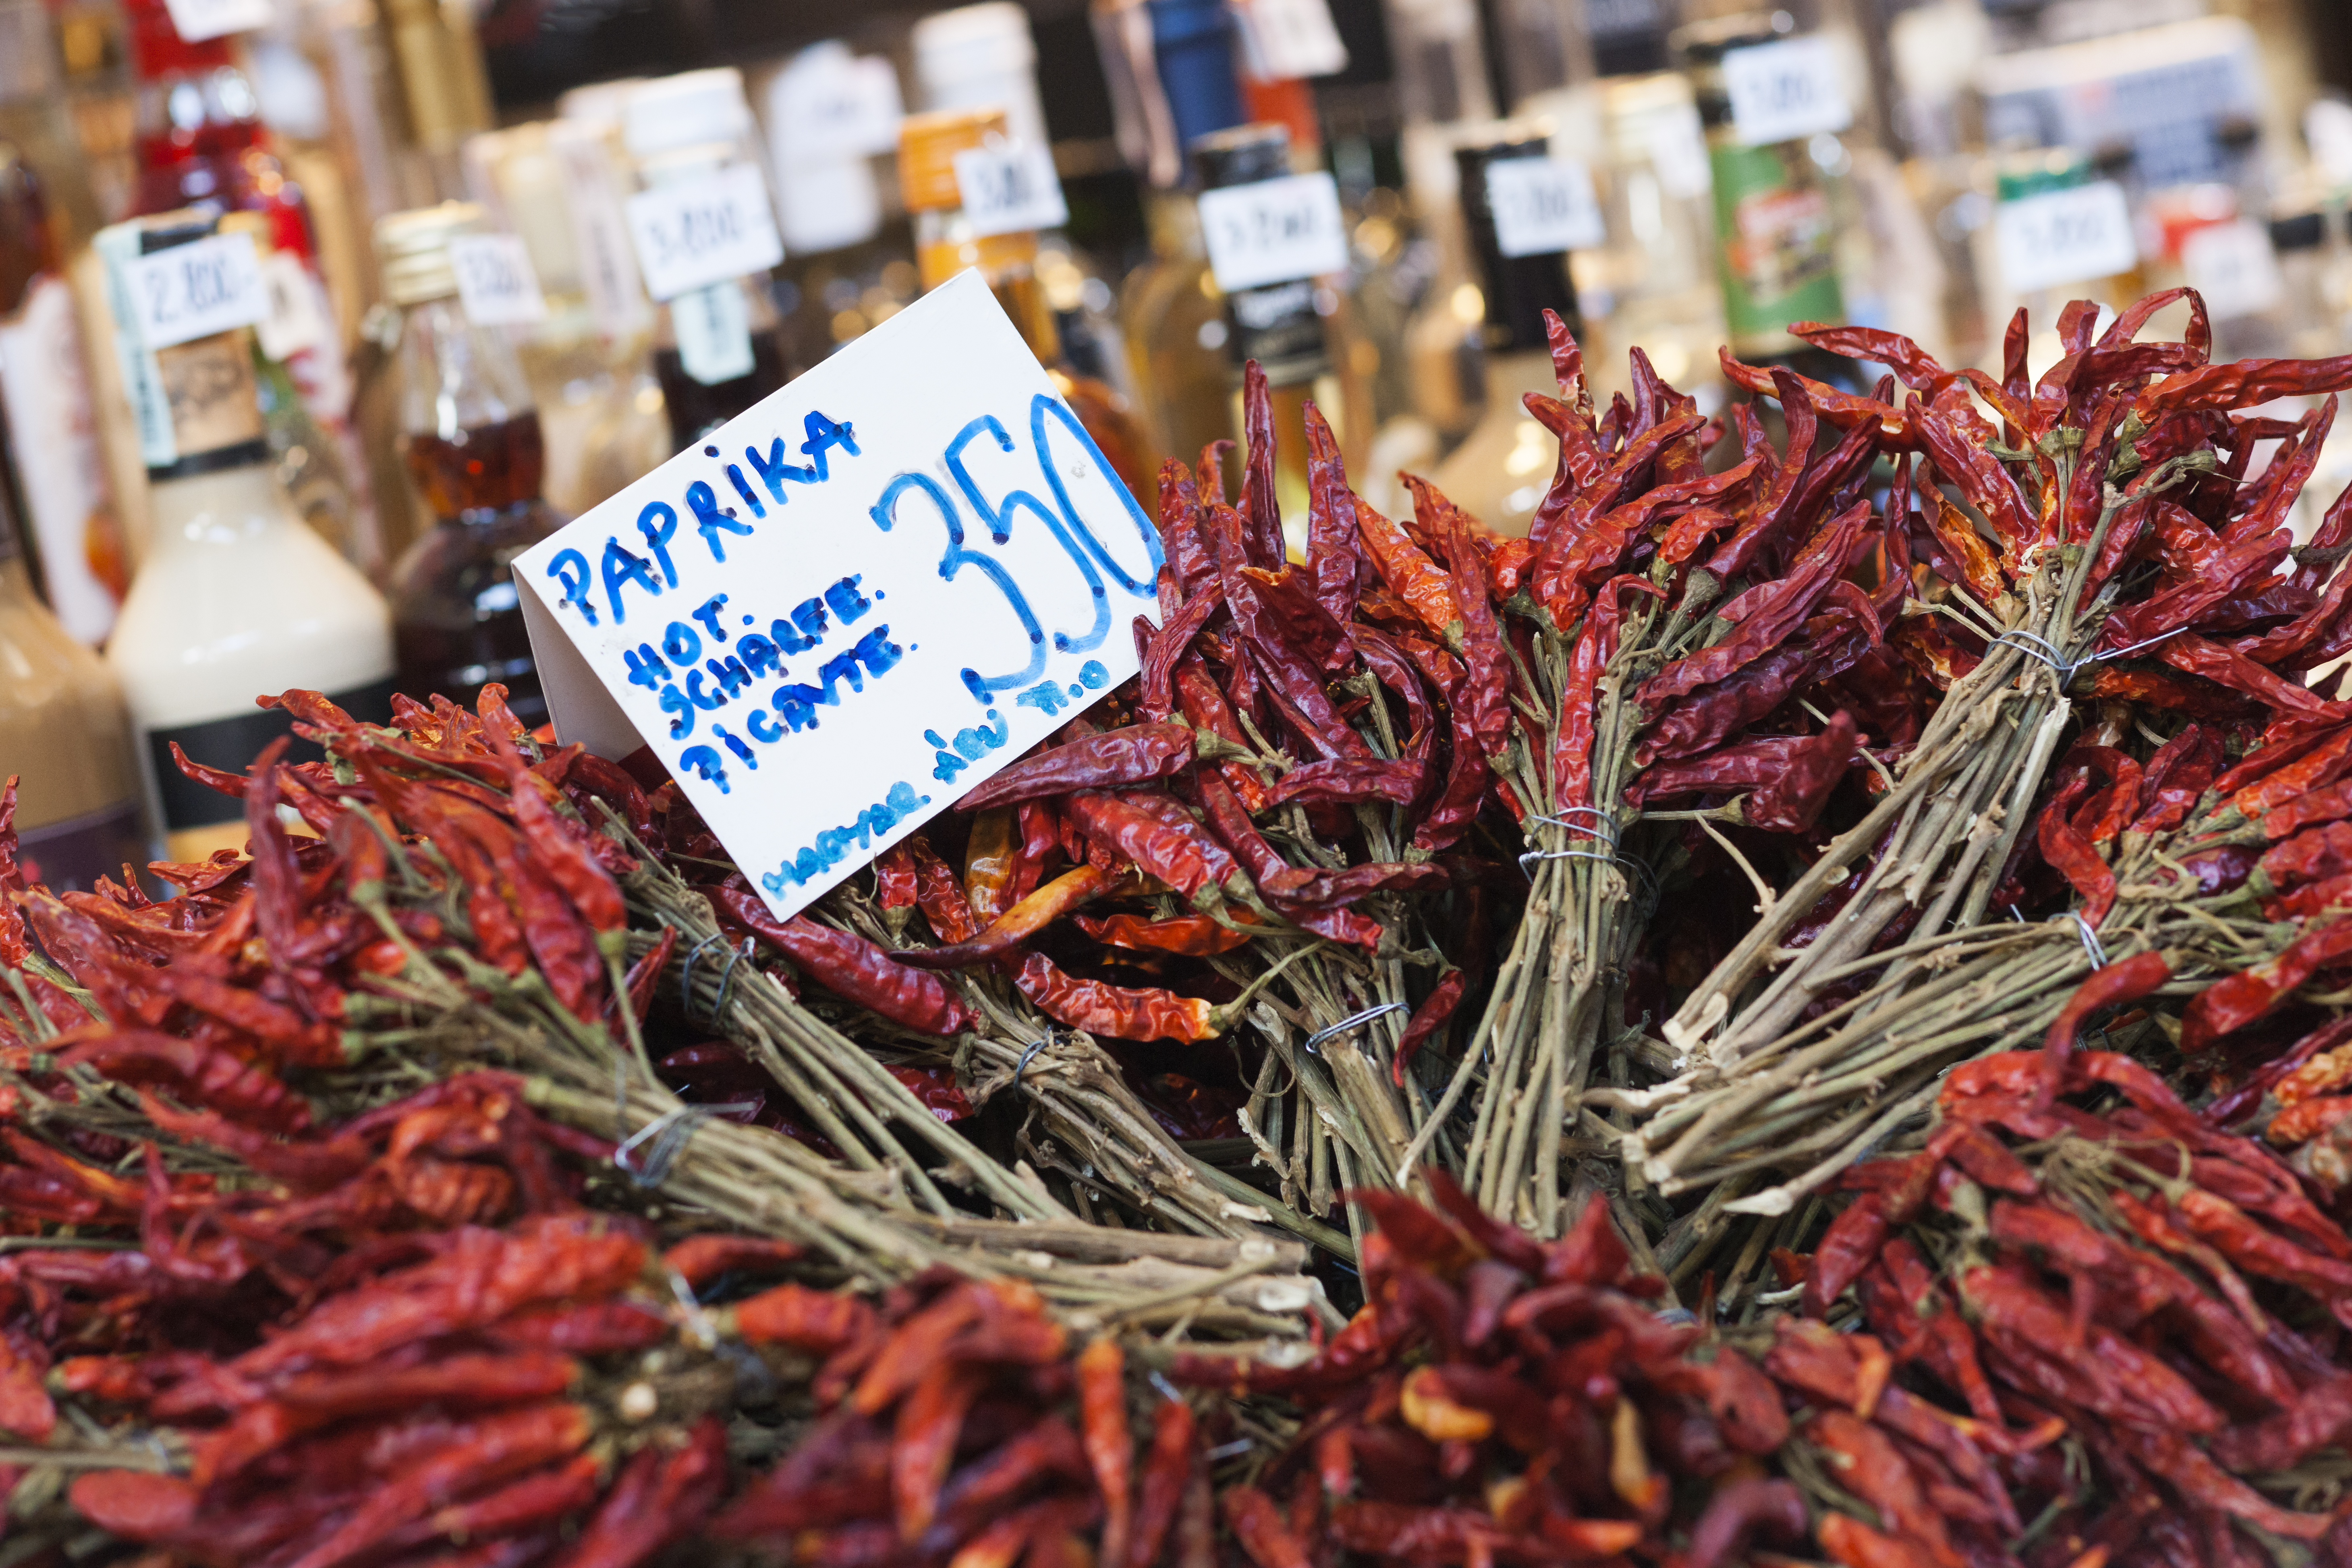 Descubre los olores y sabores del Mercado Central de Budapest - Hungría Circuito Budapest y Praga